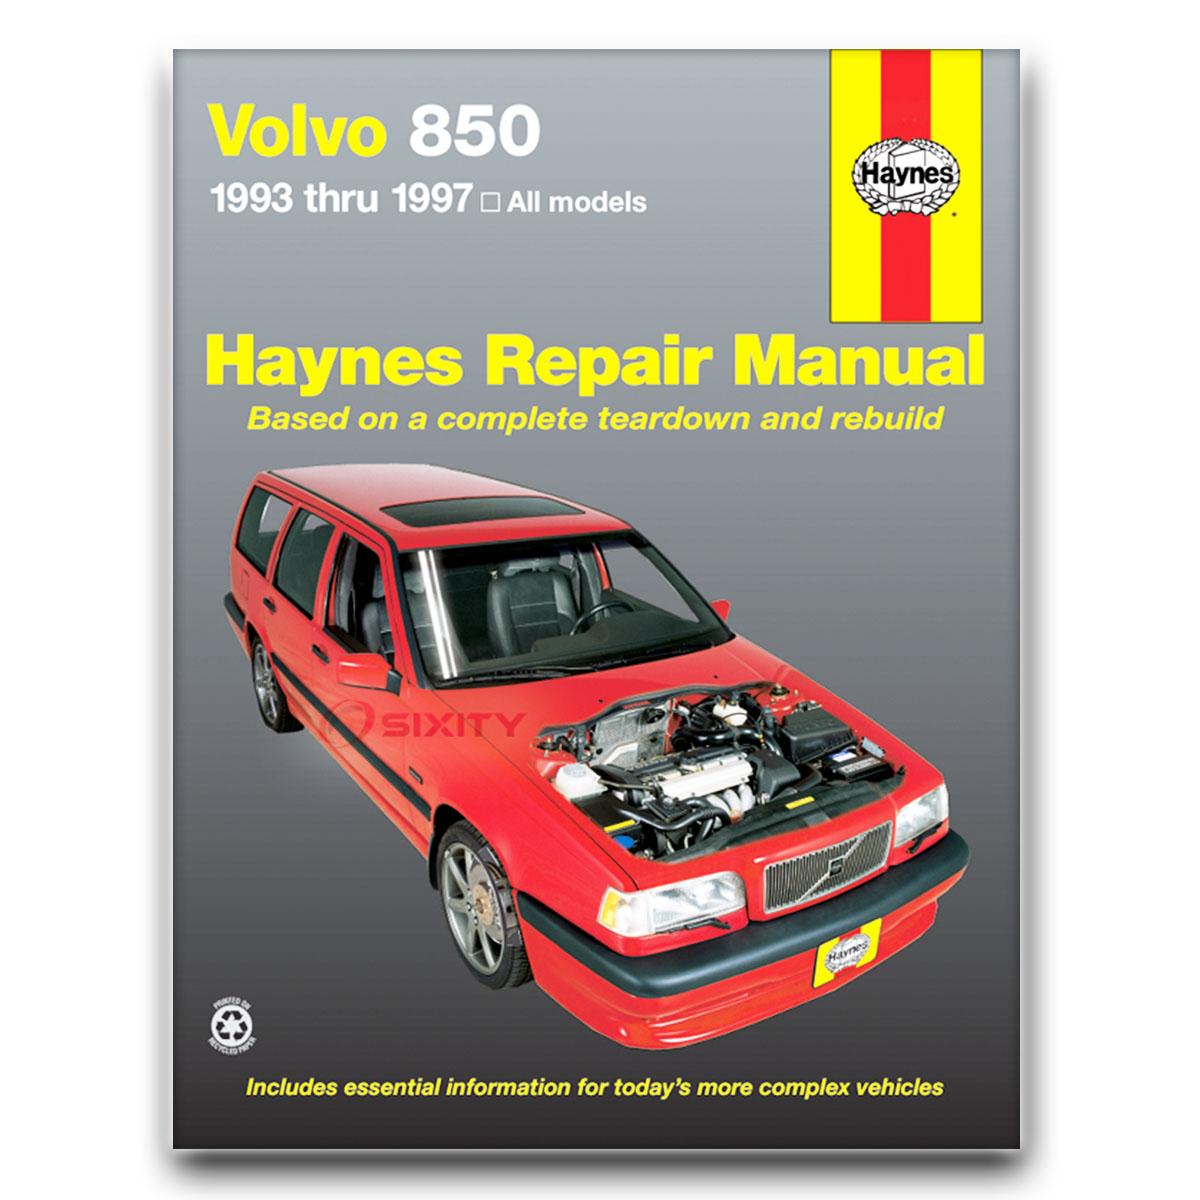 volvo 850 haynes repair manual r glt turbo base t 5 t 5r shop rh ebay com 1997 Volvo 850 1992 850 Volvo